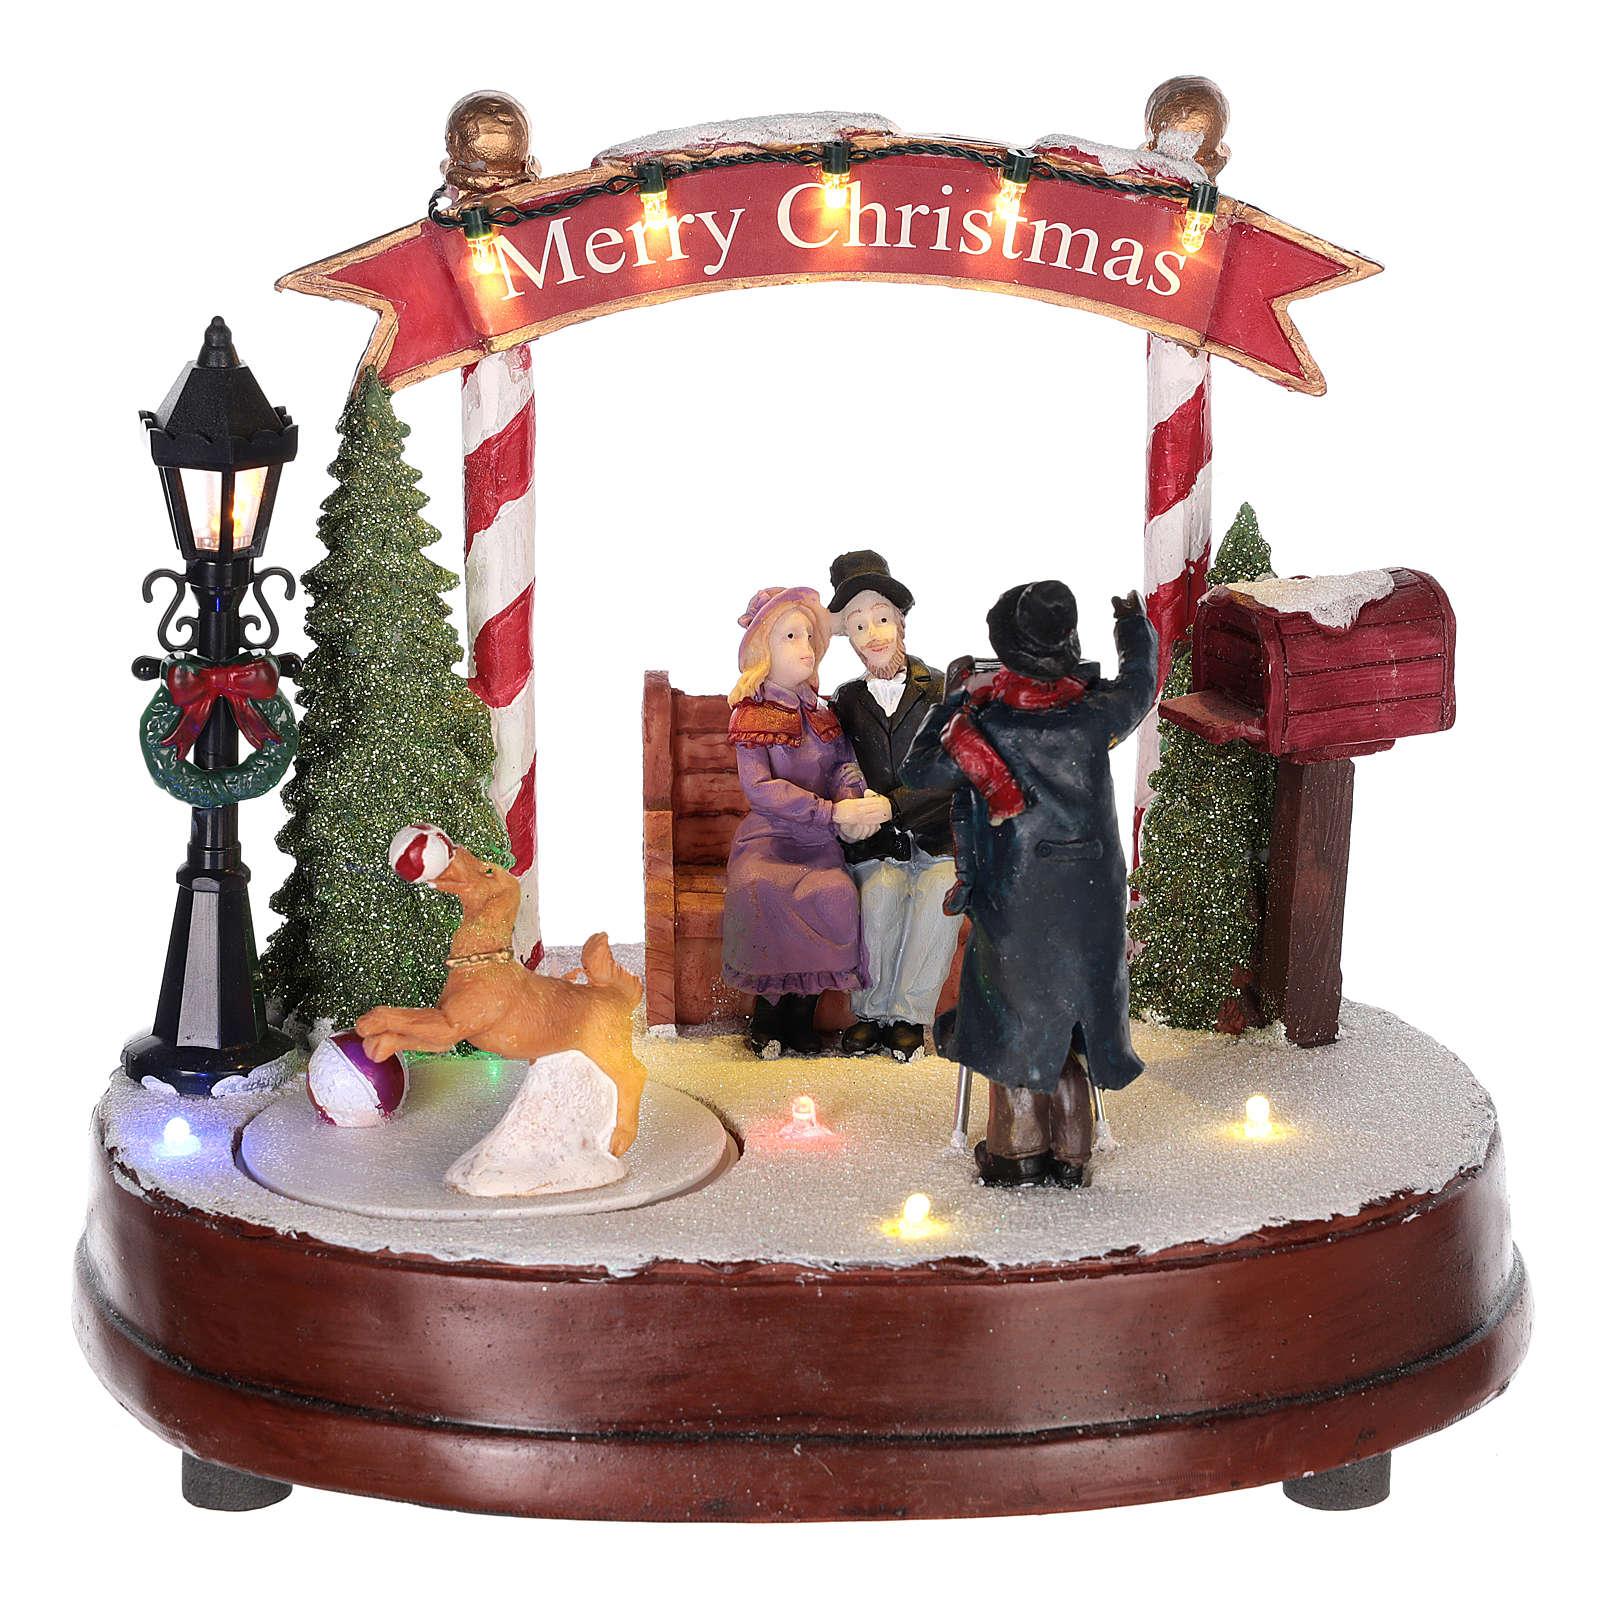 Scena per villaggio natalizio: fotografo 15x20 cm 3